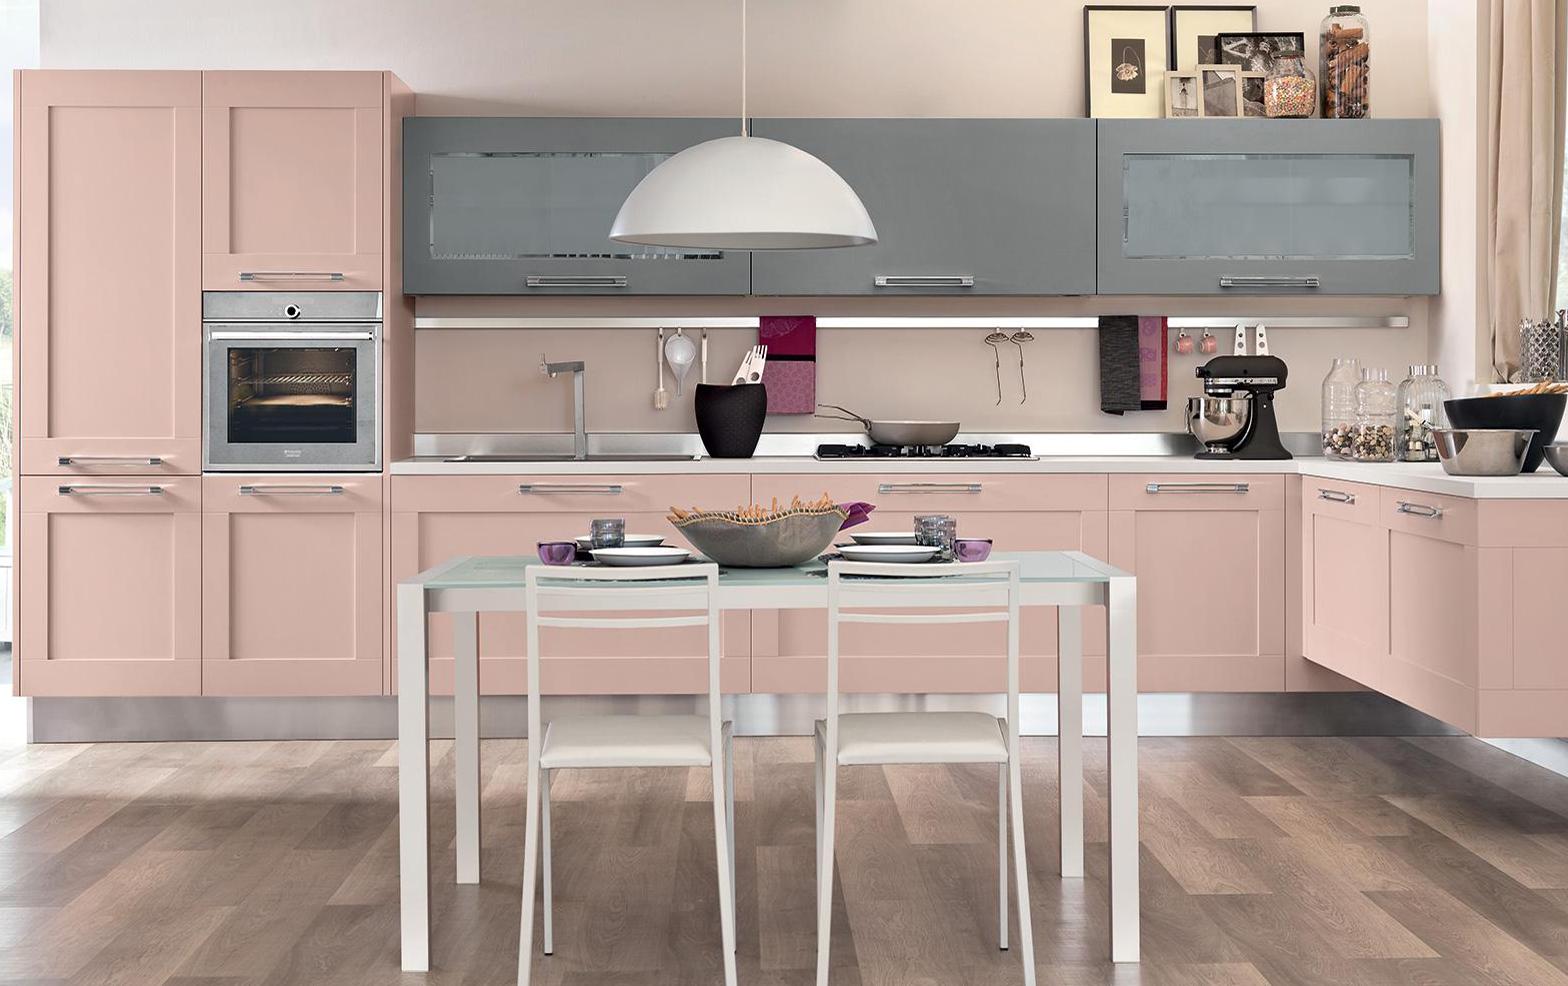 Illuminazione Piano Lavoro Cucina scegliere l'illuminazione da cucina | centro cucina